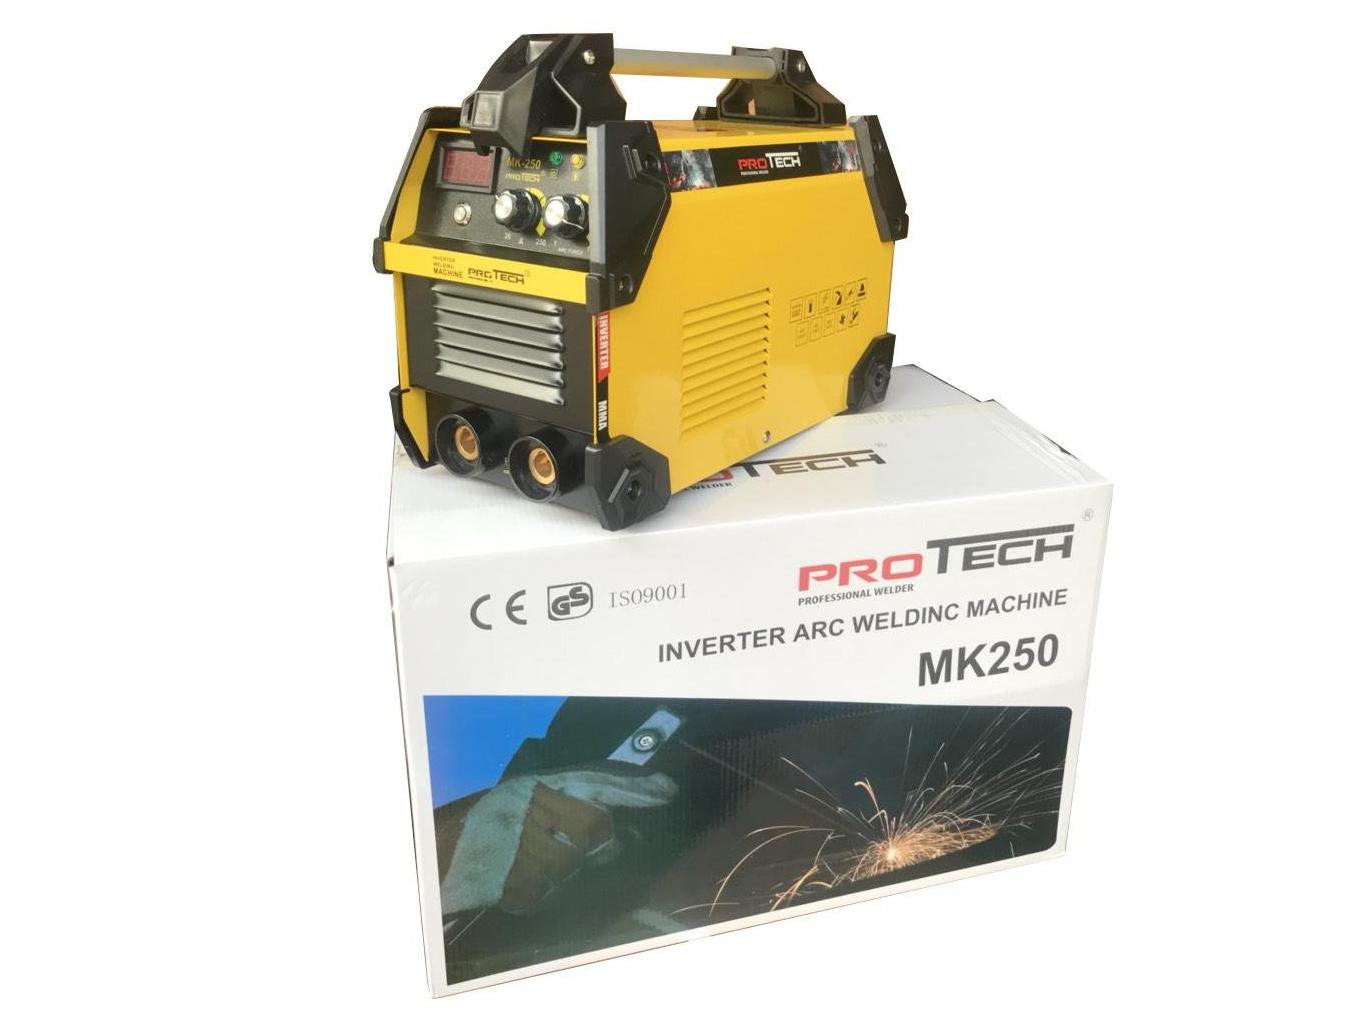 Máy hàn hồ quang Protech MK250